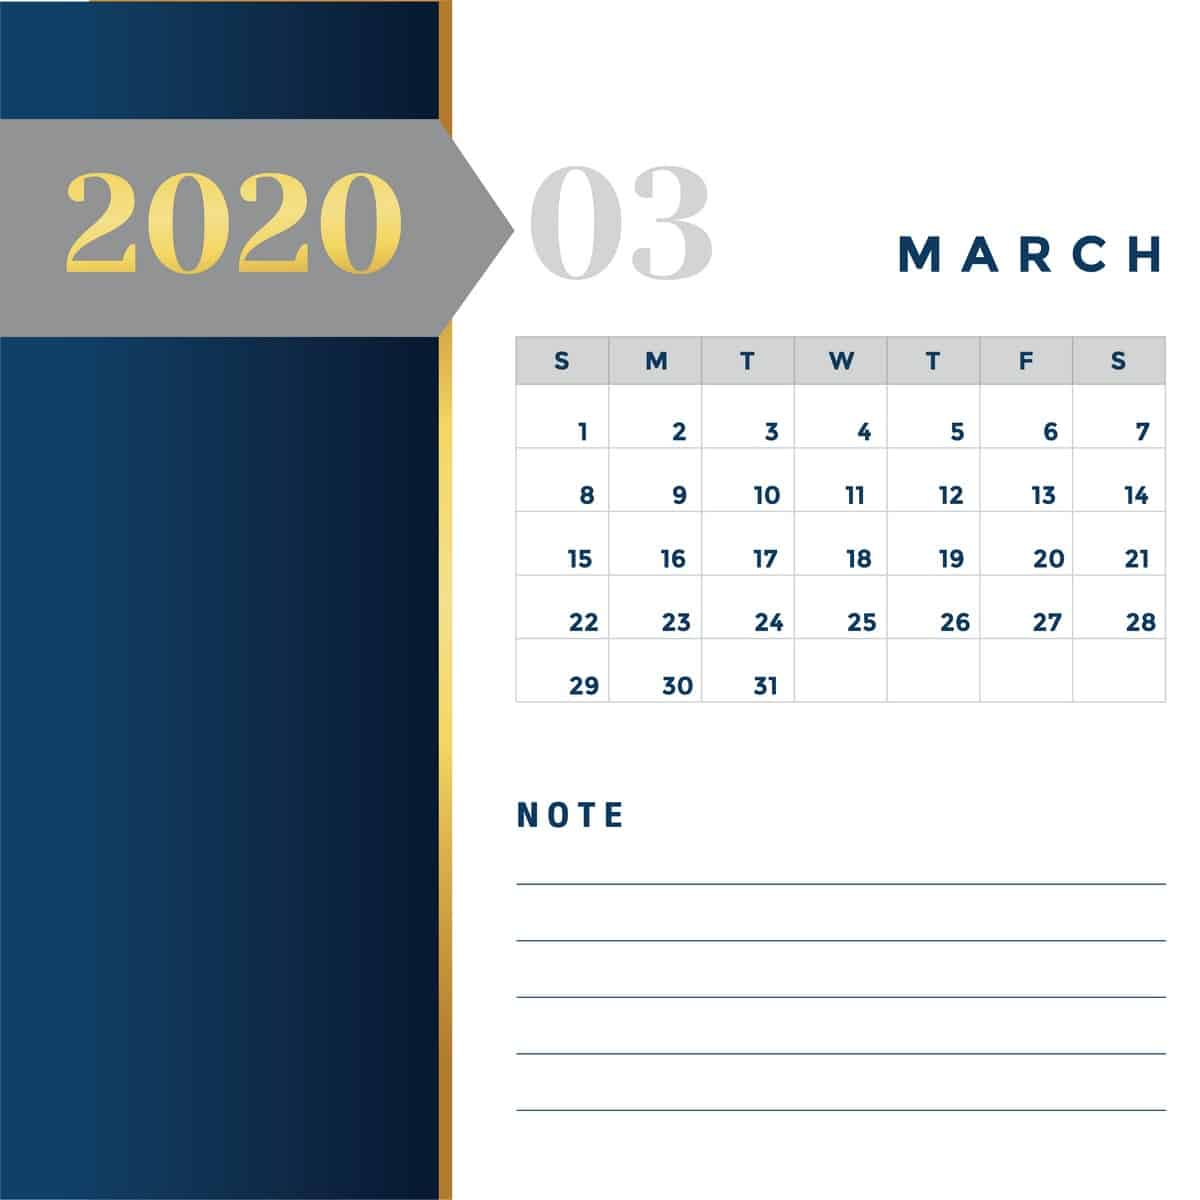 Calendar Miw Services 03 - แจกฟรี! ภาพปฏิทิน 2563 ครบ 12 เดือน พร้อมวันหยุดราชการไทย (PNG, PDF)